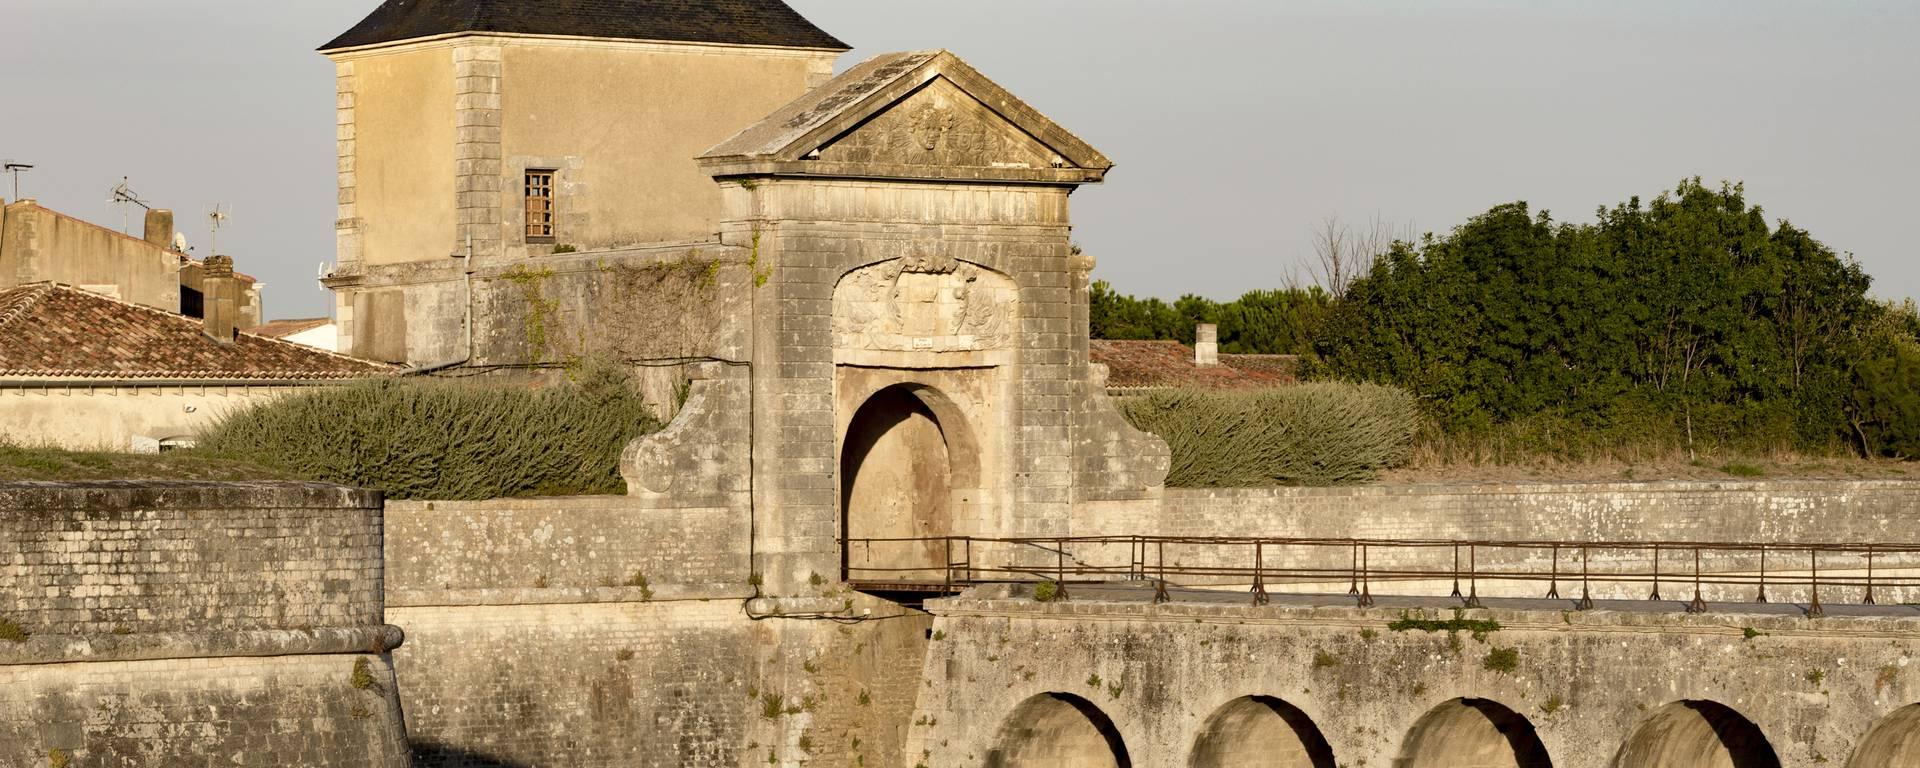 Fortifications Vauban ©Yann Werdefroy